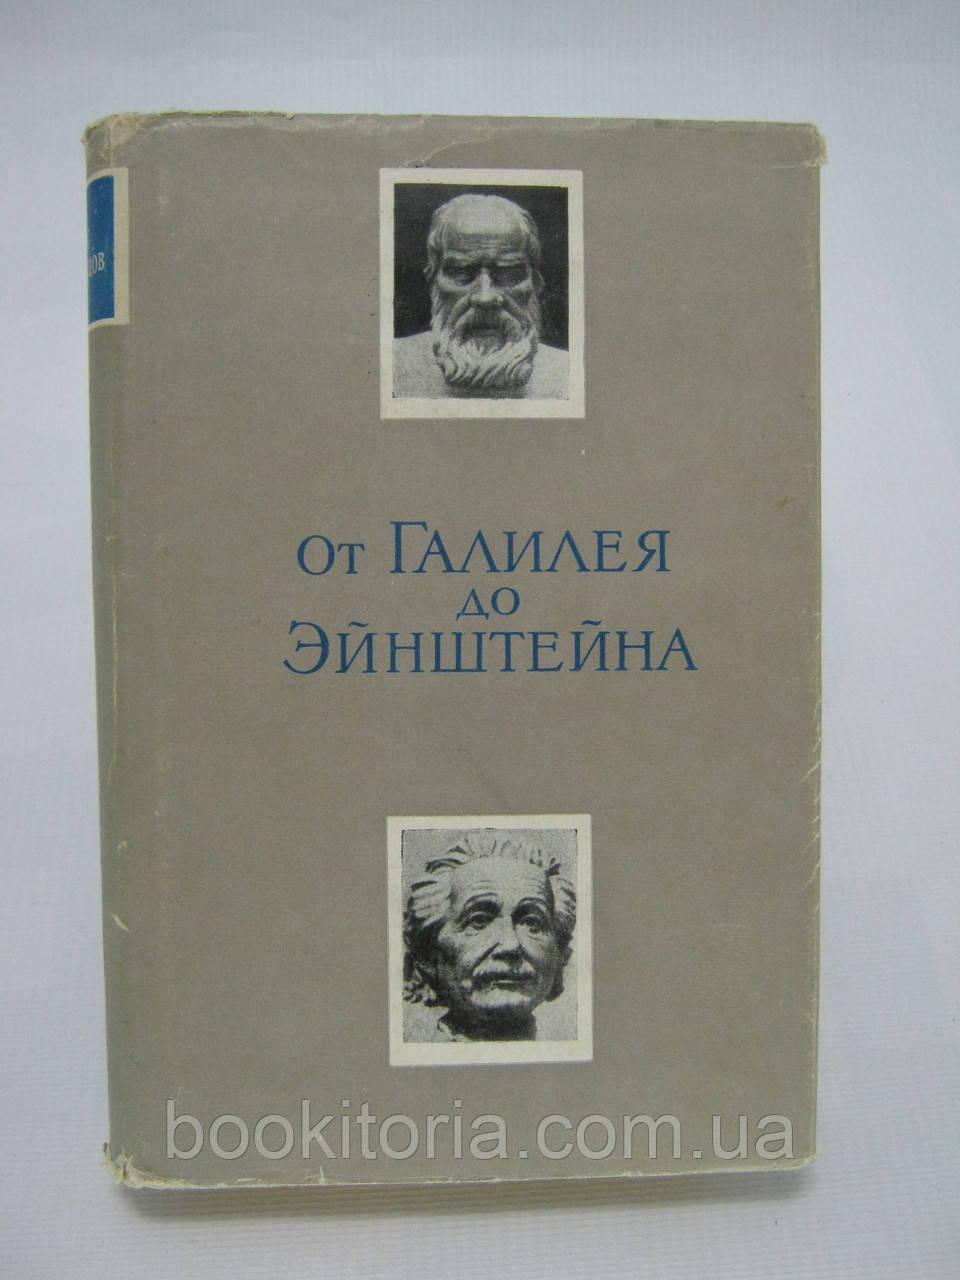 Кузнецов Б.Г. Развитие физических идей от Галилея до Эйнштейна в свете современной науки (б/у).